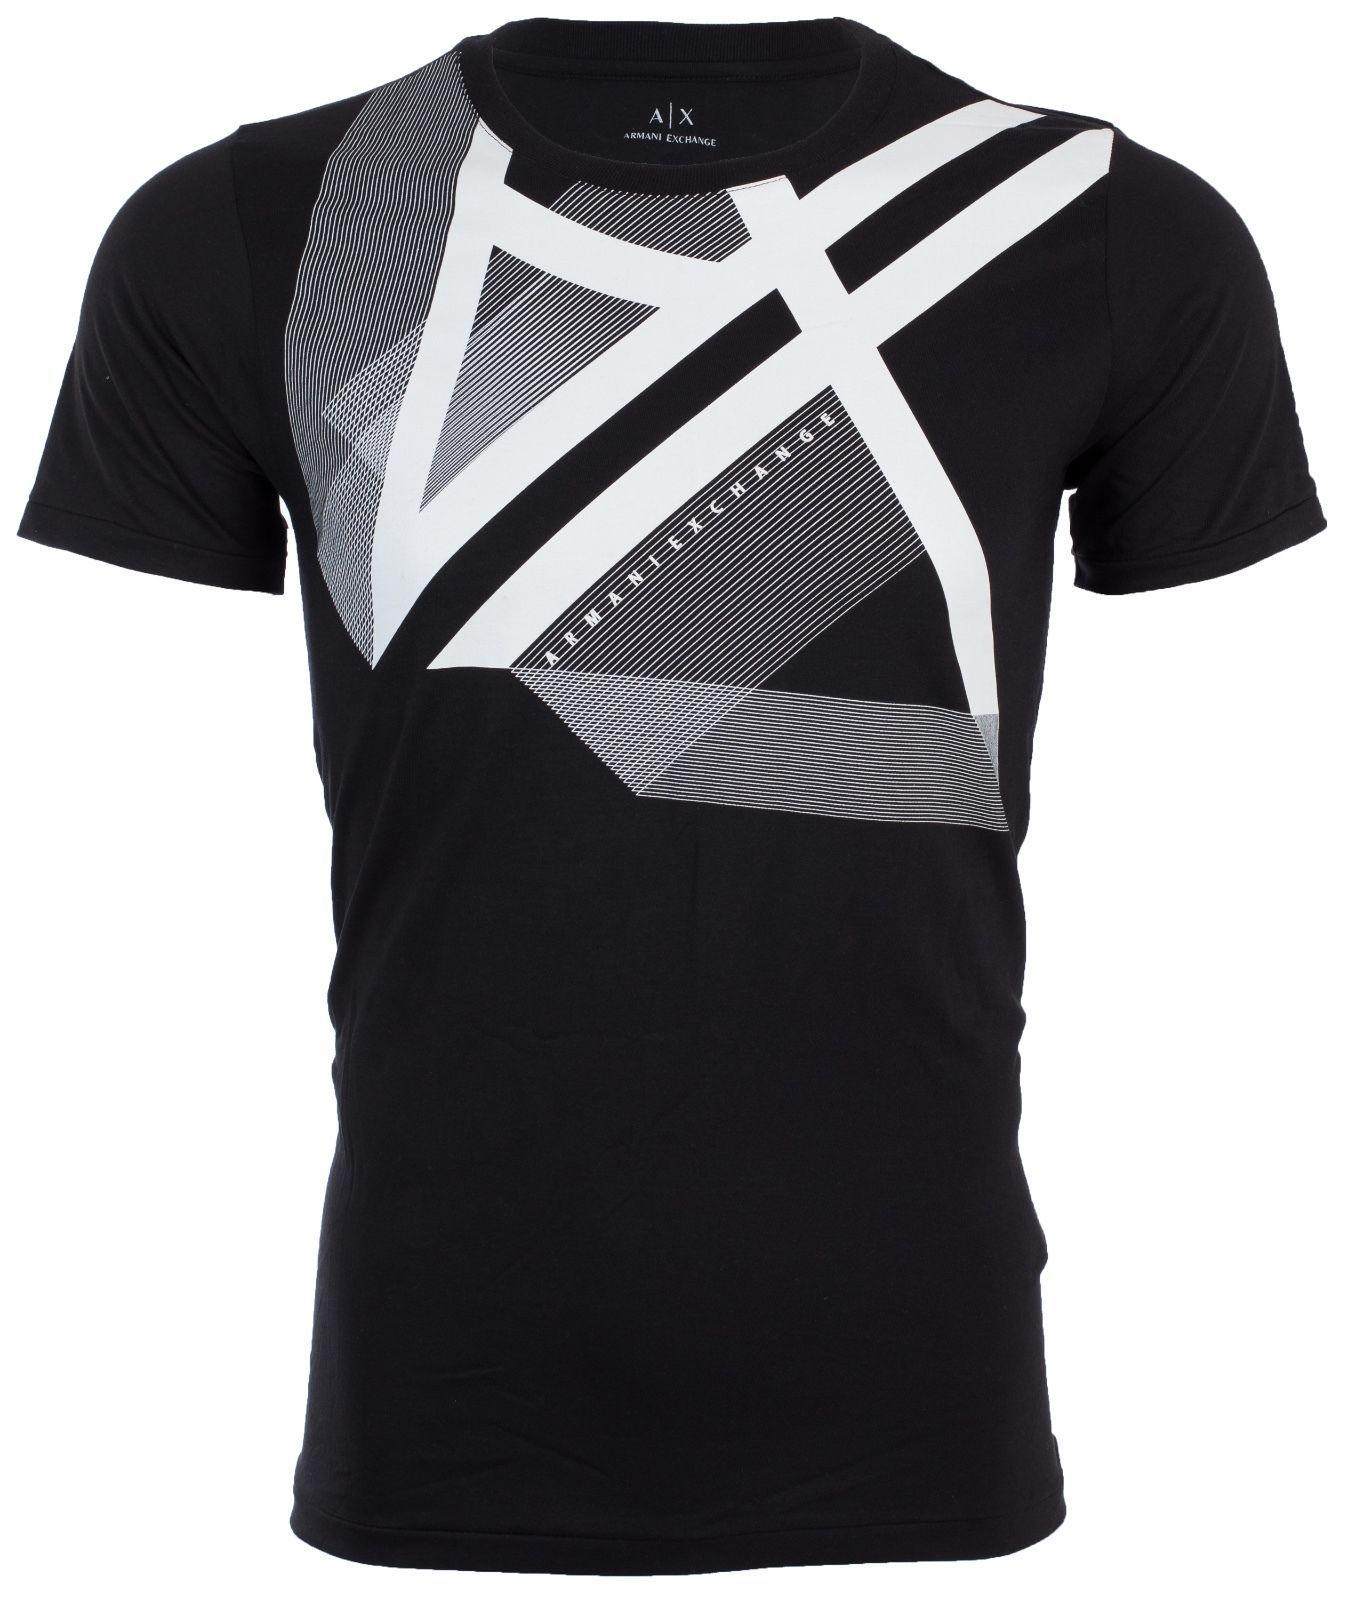 mens nylon tshirts ebay - HD1348×1600